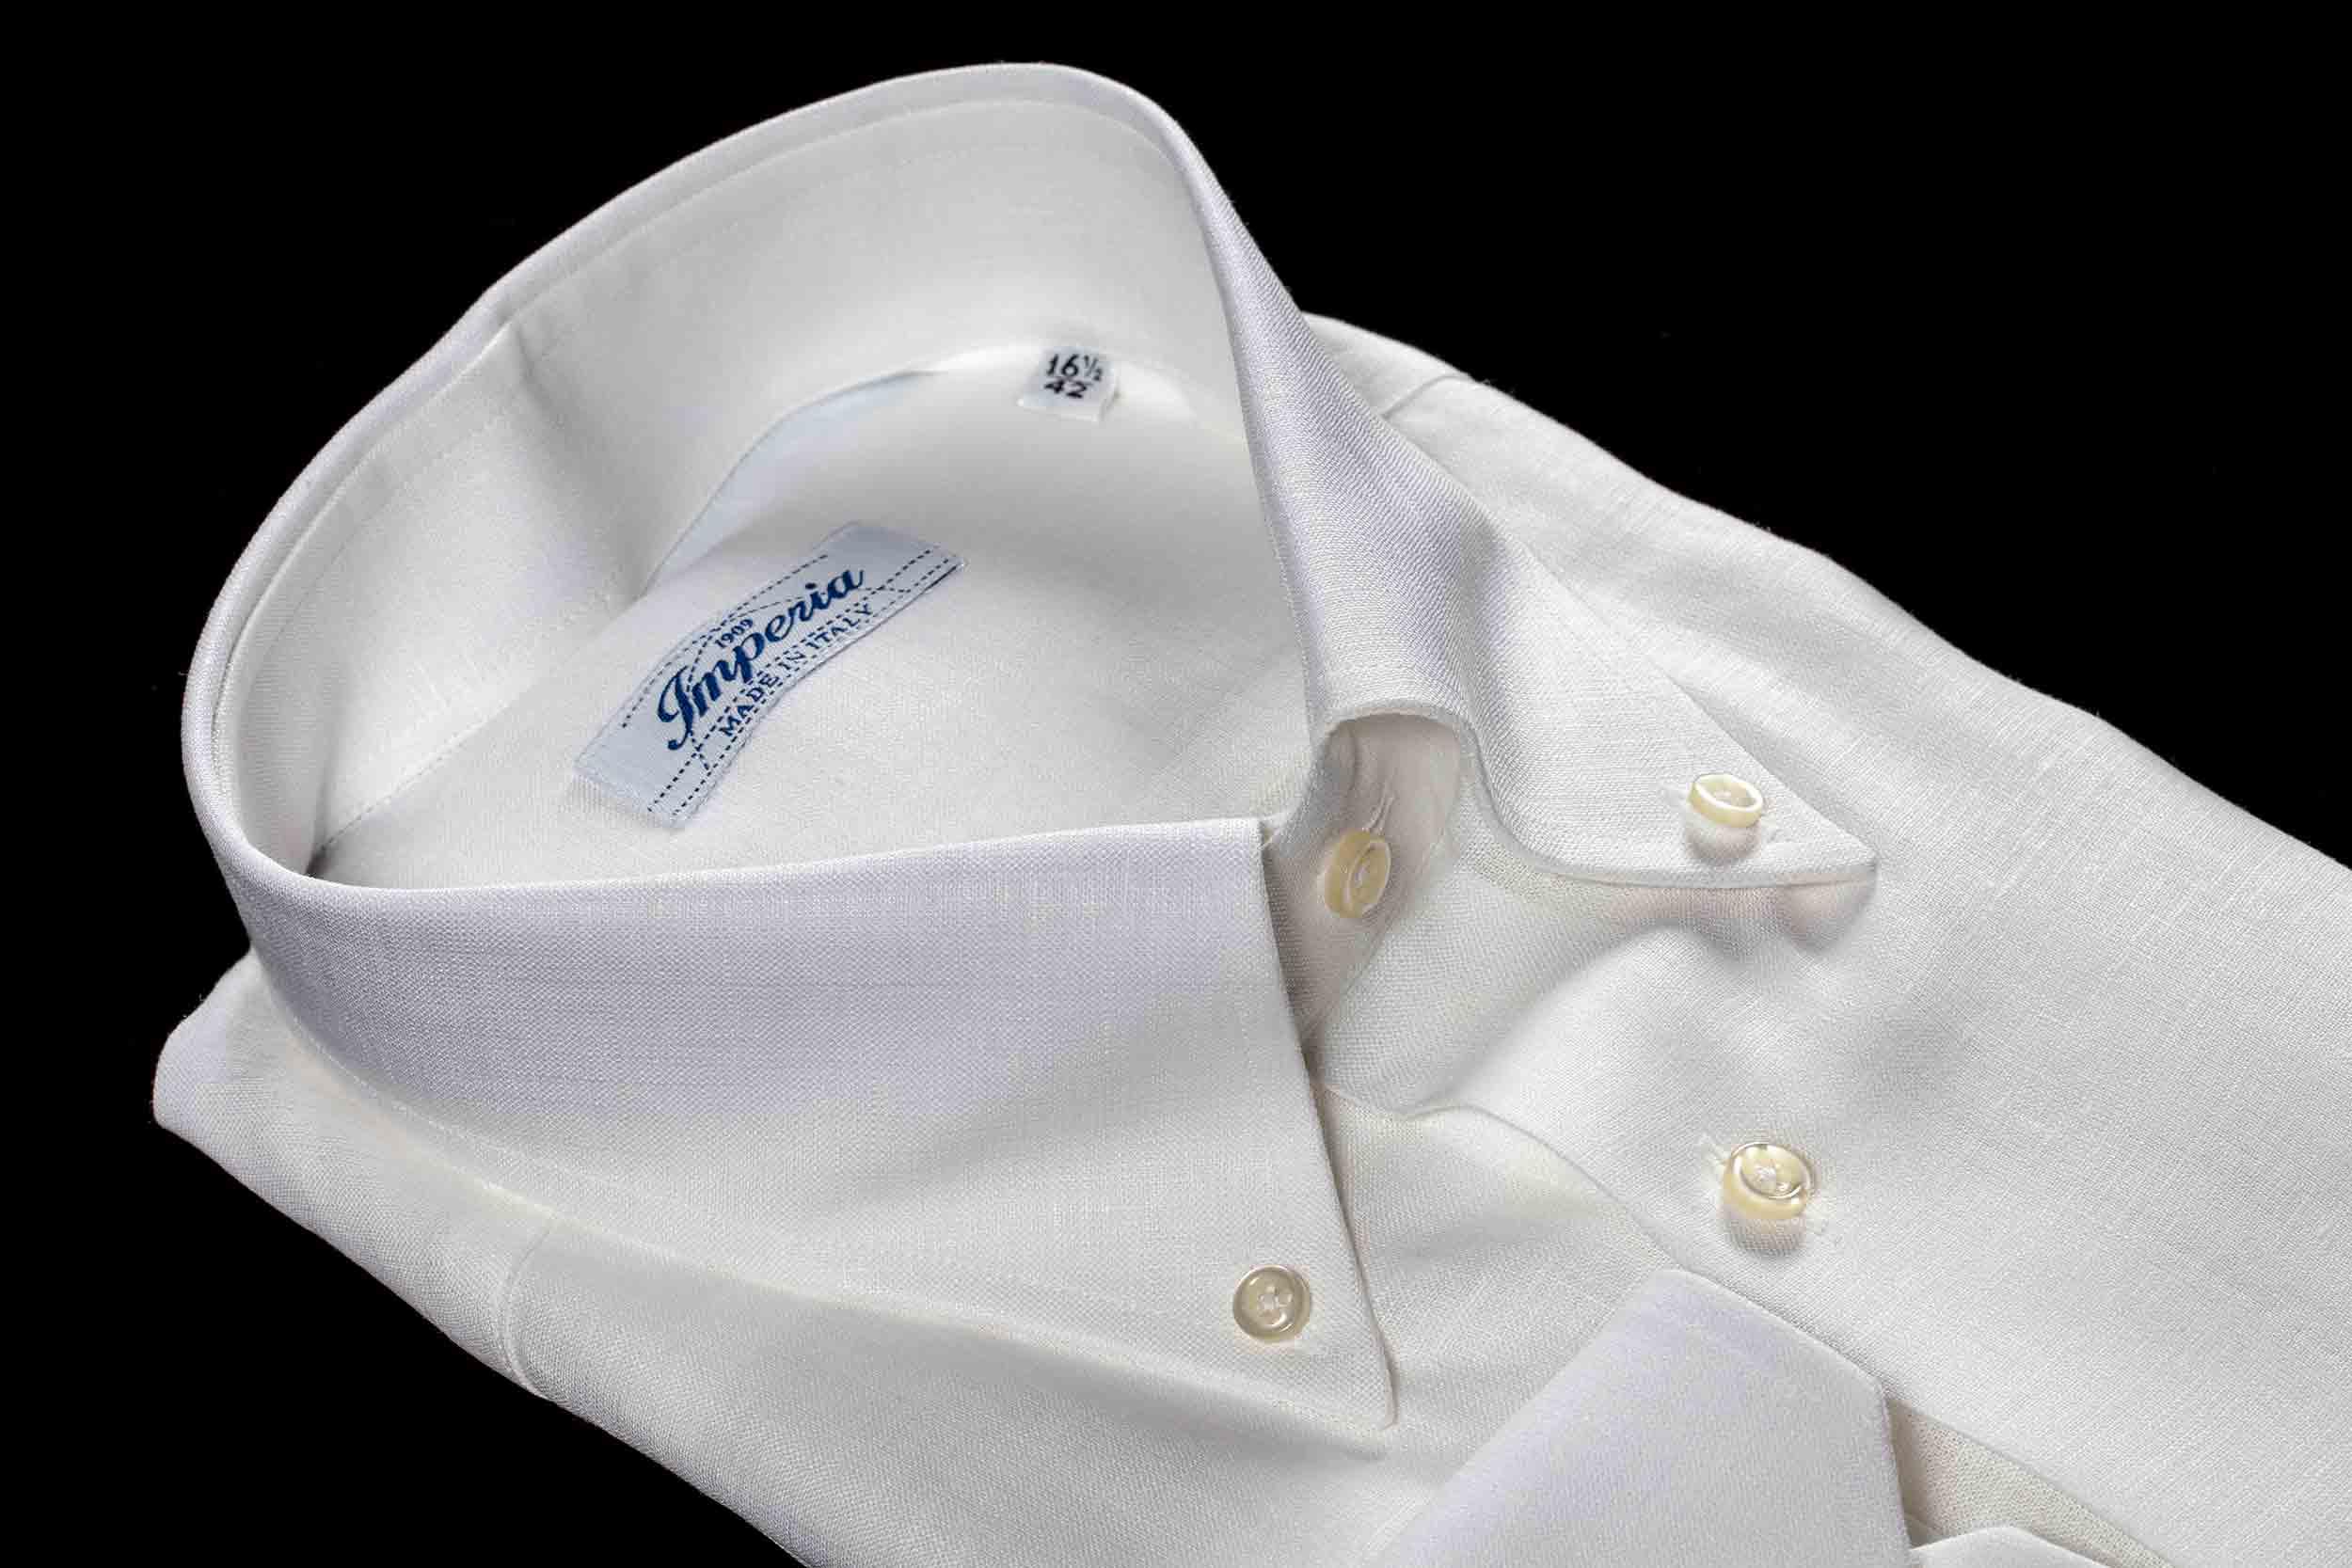 Camicia da uomo bianca con collo Button down lavorata dalla Camiceria Smeralda di Camerano Ancona